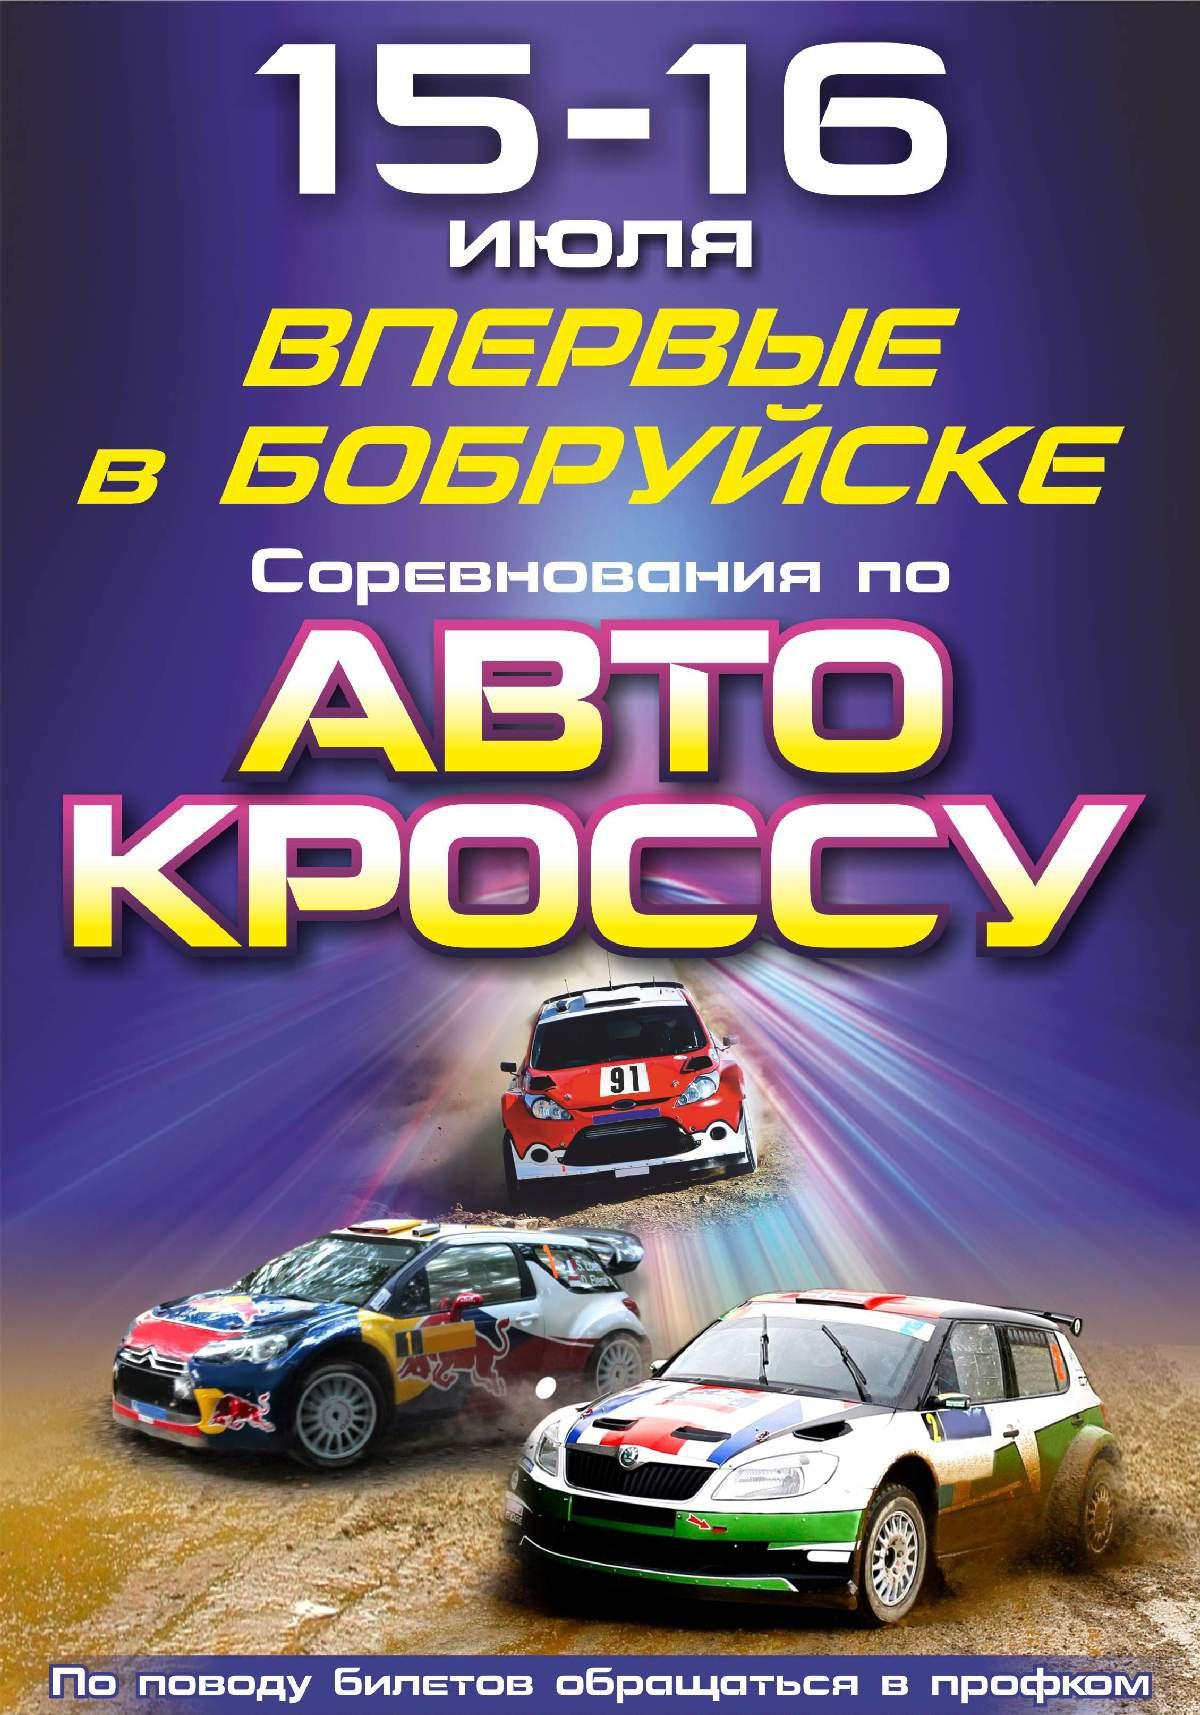 Впервые в Бобруйске пройдут соревнования по автокроссу